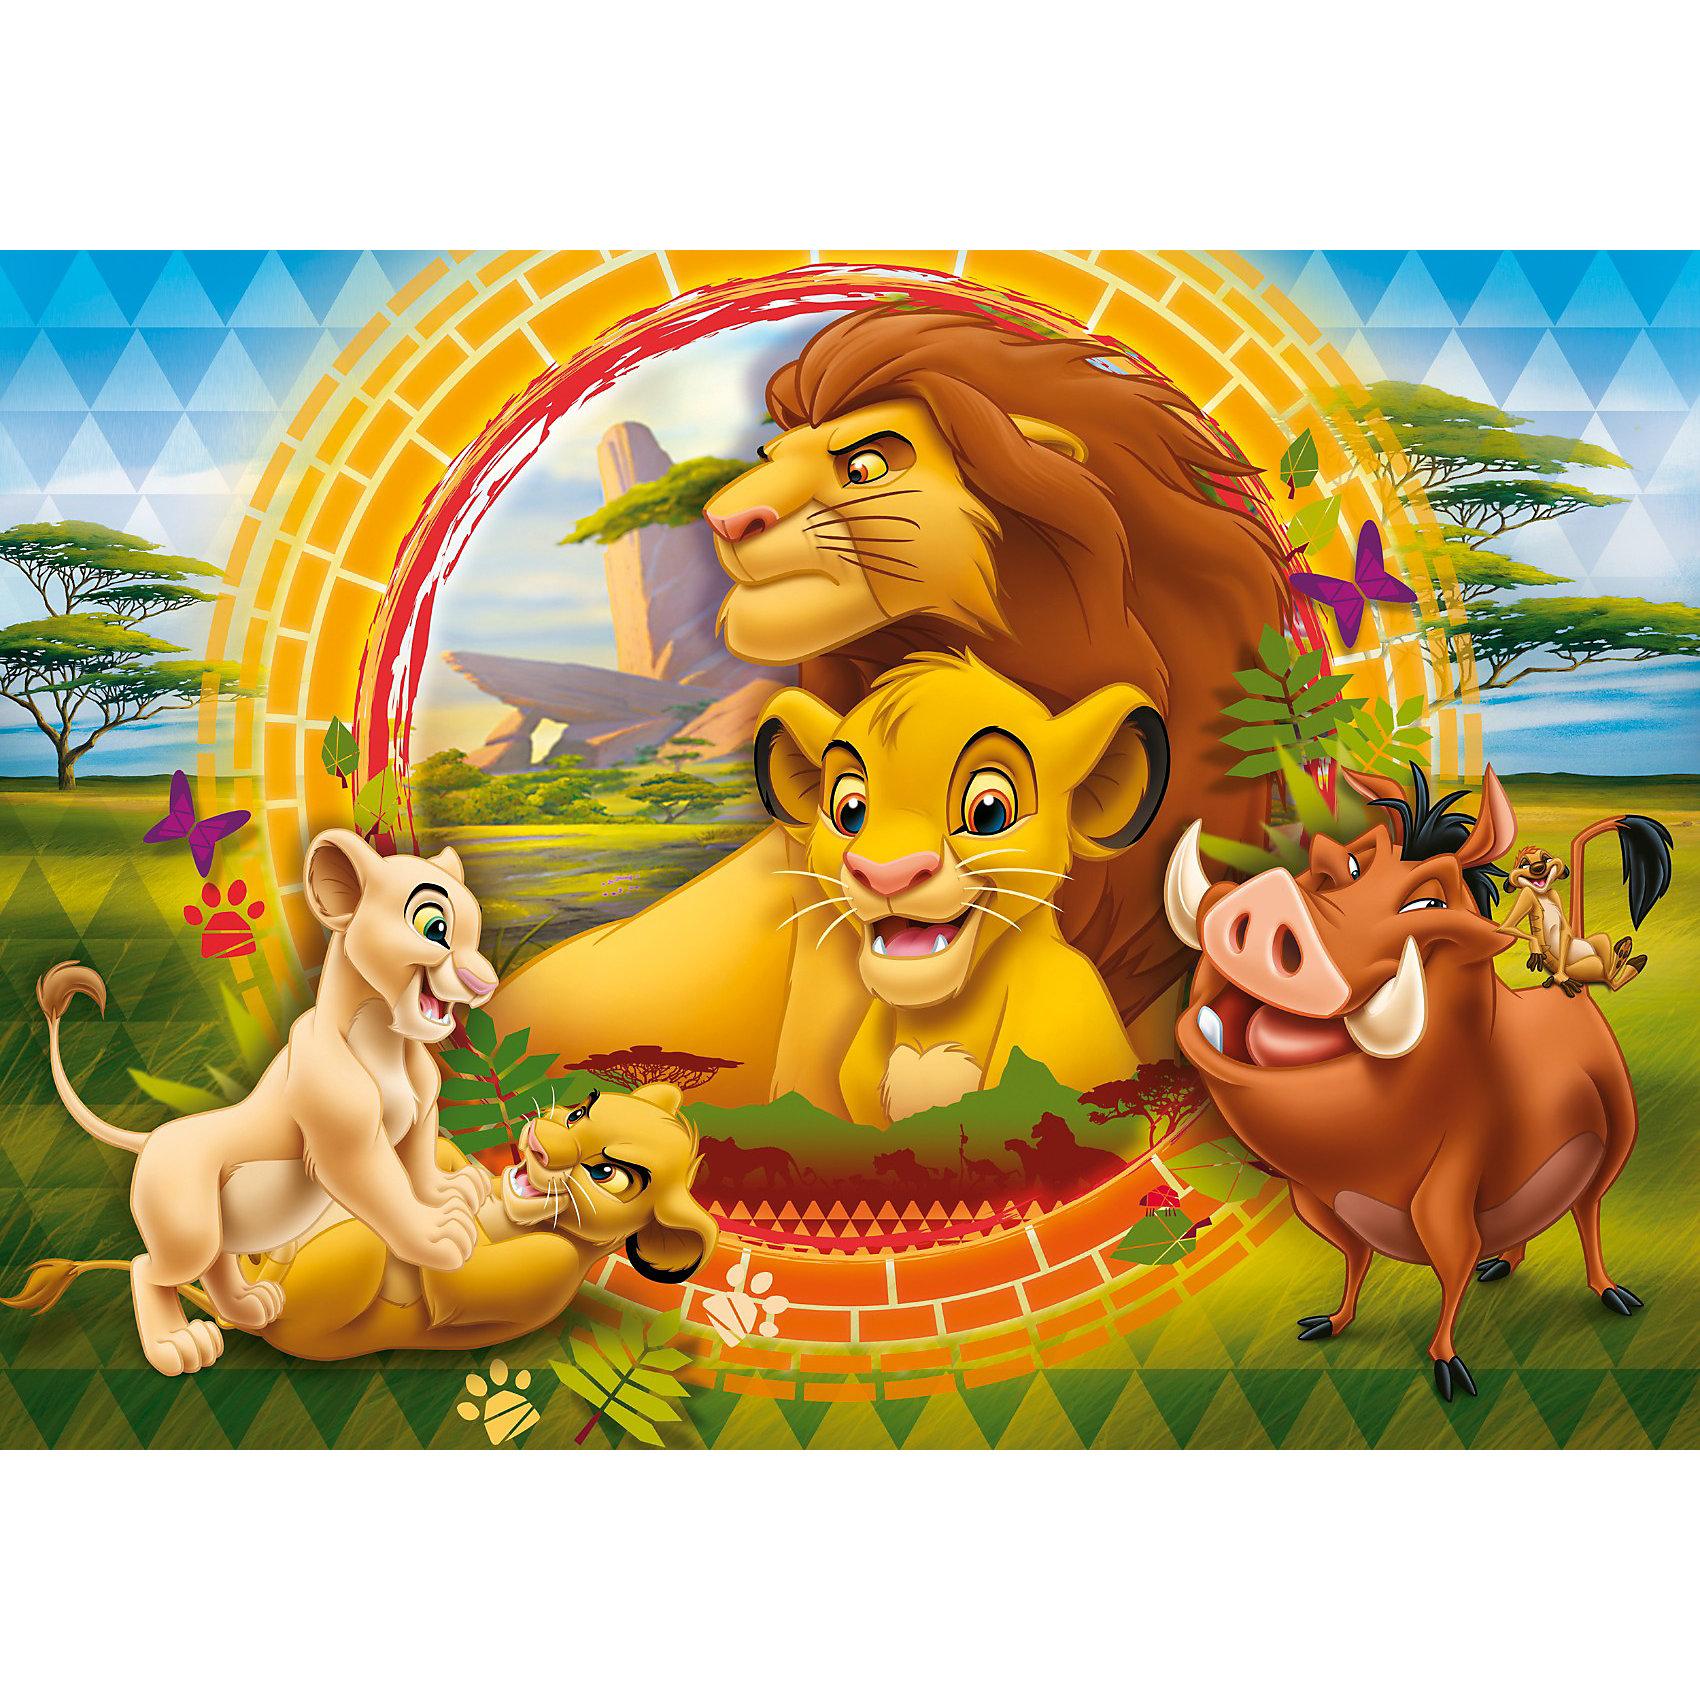 Пазл Король Лев, 24 детали,  ДиснейПазлы для малышей<br>Пазл Король Лев Дисней (Disney) - увлекательный набор для творчества, который будет интересен детям всех возрастов и даже их родителям. С помощью входящих в набор деталей Вы сможете собрать красочную картинку с изображением персонажей из популярного диснеевского мультфильма Король Лев (The Lion King). Пазл изготовлен из прочного картона высокого качества, изображение напечатано на бумаге, не отражающей свет, благодаря чему отчетливо видны все детали картины. Составные элементы пазла отлично соединяются между собой, при этом соединения практически незаметны.<br> <br>Собирание пазла способствует развитию логического мышления, внимания, воображения и мелкой моторики рук.<br><br>Дополнительная информация:<br><br>- Материал: картон, бумага.<br>- Размер собранного пазла: 68 х 48 см.<br>- Размер упаковки: 39,5 х 6,5 х 27,5 см. <br><br>Пазл Король Лев можно купить в нашем интернет-магазине.<br><br>Ширина мм: 402<br>Глубина мм: 283<br>Высота мм: 67<br>Вес г: 815<br>Возраст от месяцев: 48<br>Возраст до месяцев: 72<br>Пол: Унисекс<br>Возраст: Детский<br>Количество деталей: 24<br>SKU: 2423989